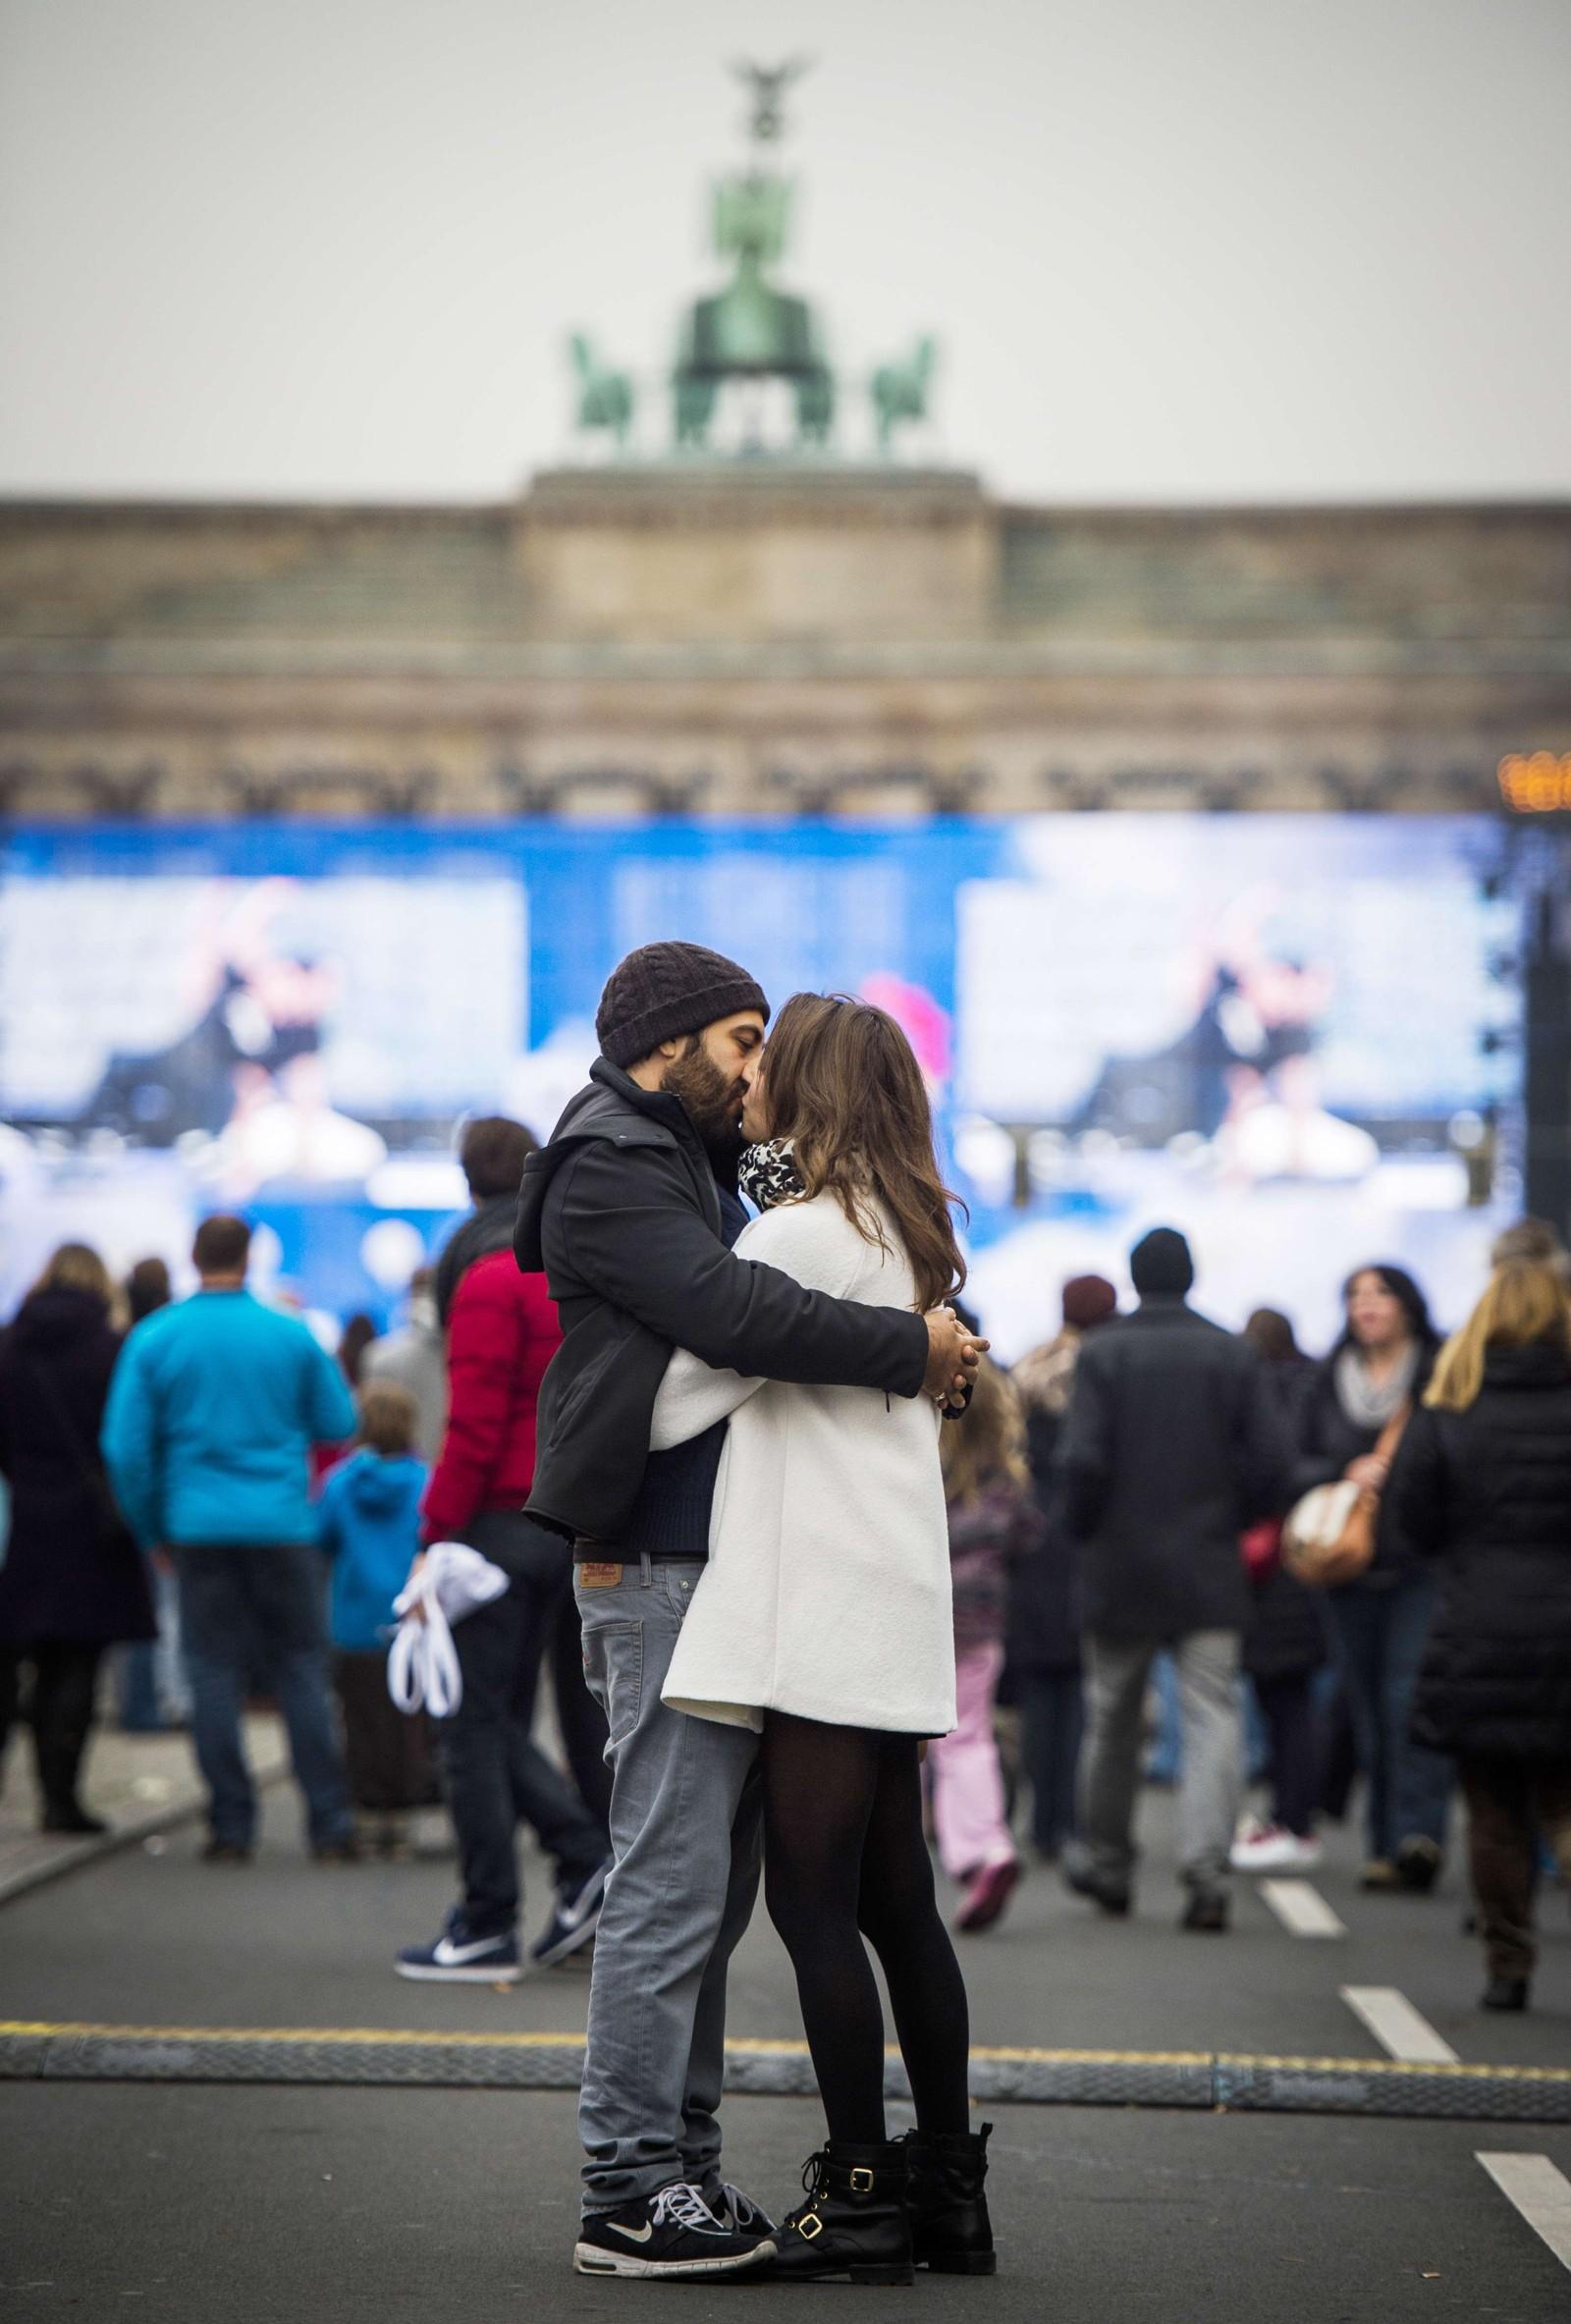 Et kyssende par foran Brandenburger Tor.